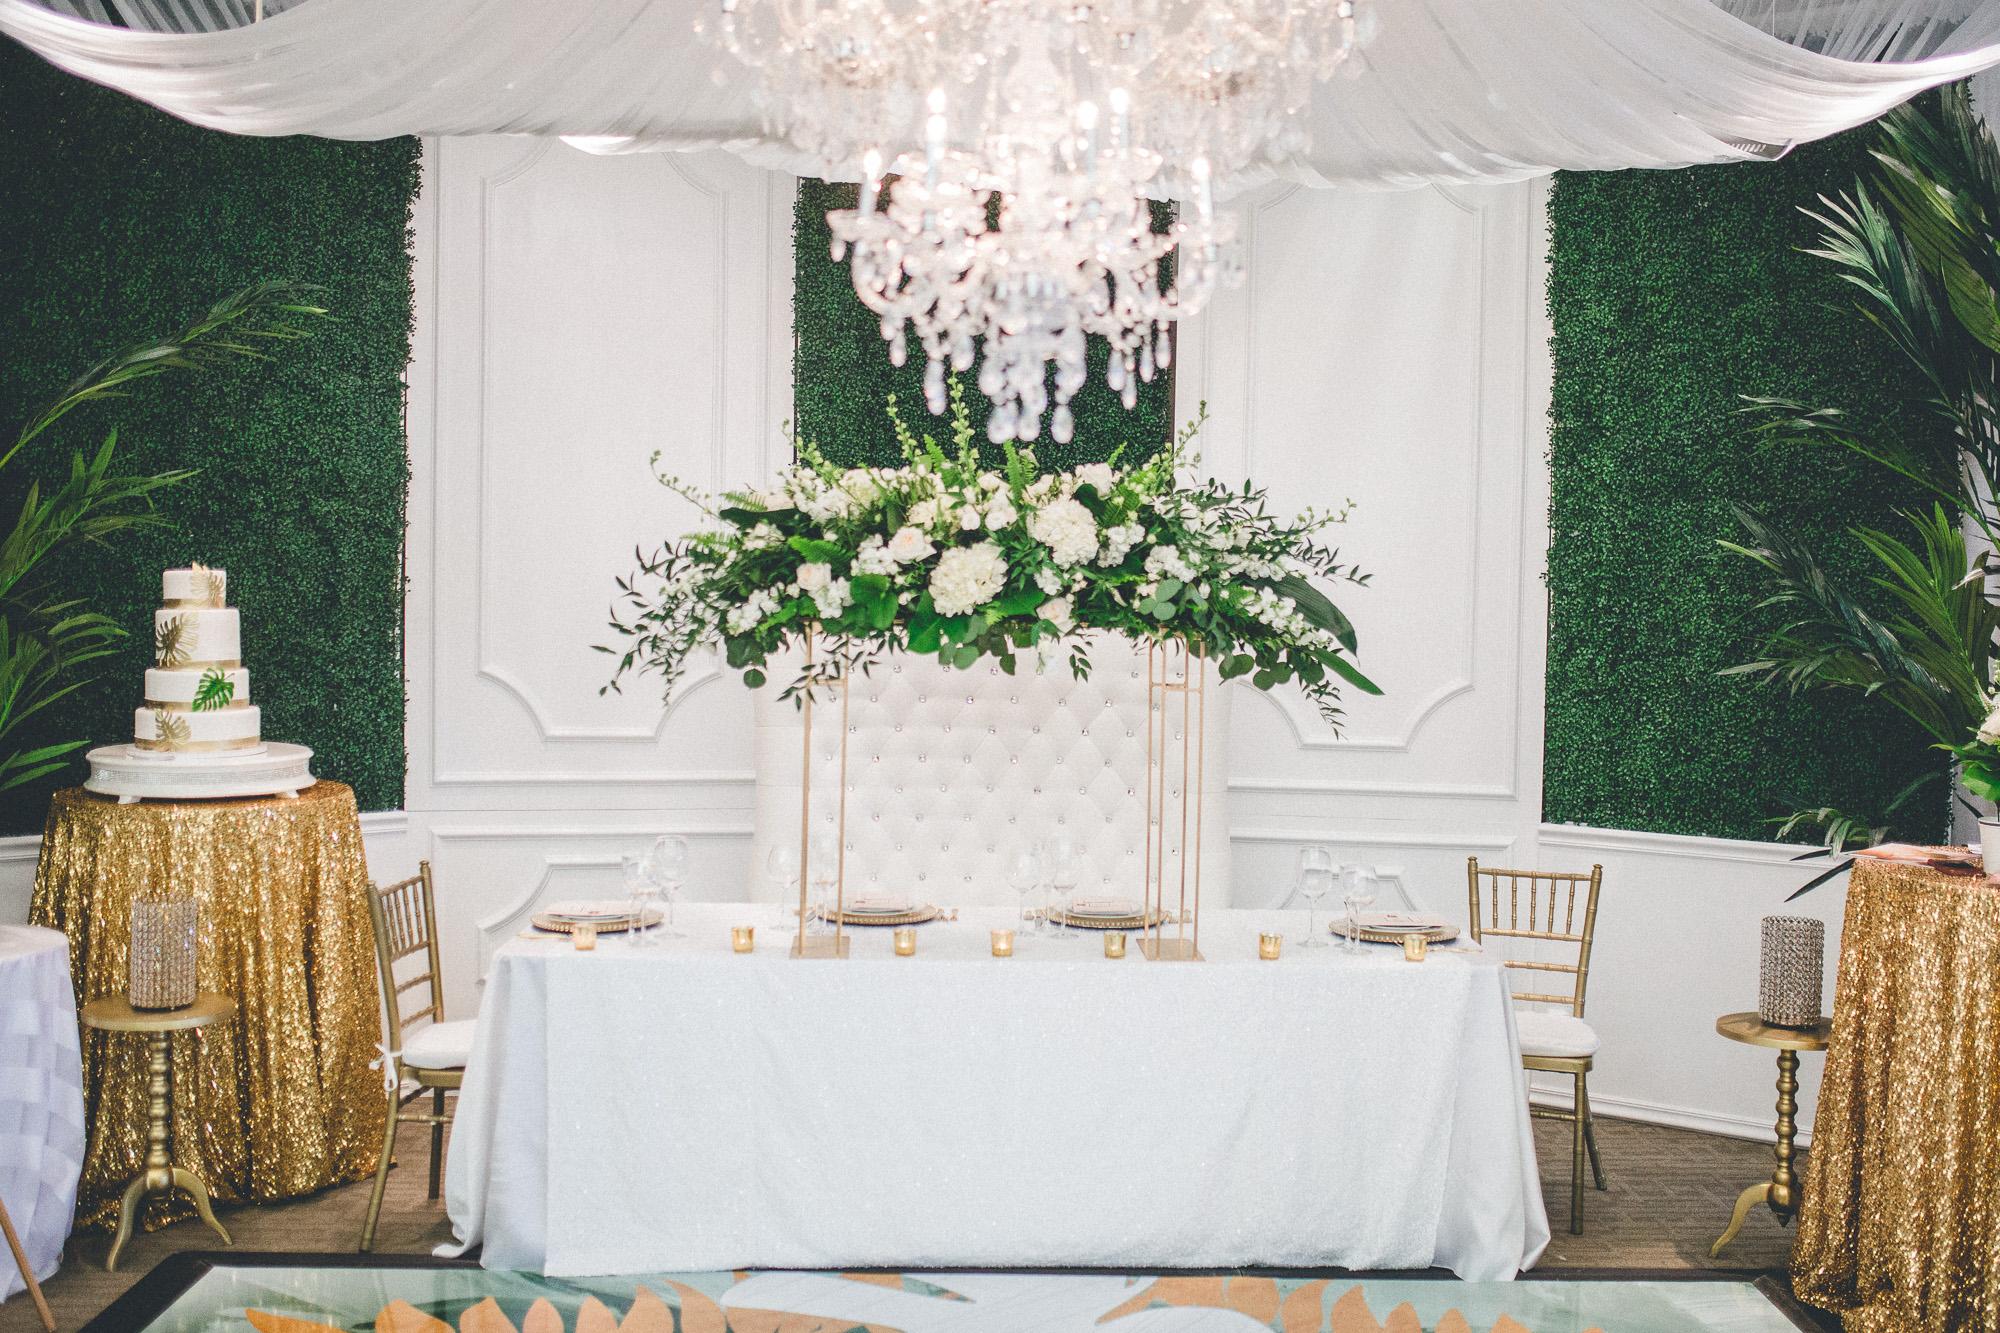 green and white wedding, wedding backdrop, boxwood hedge, dayton ohio